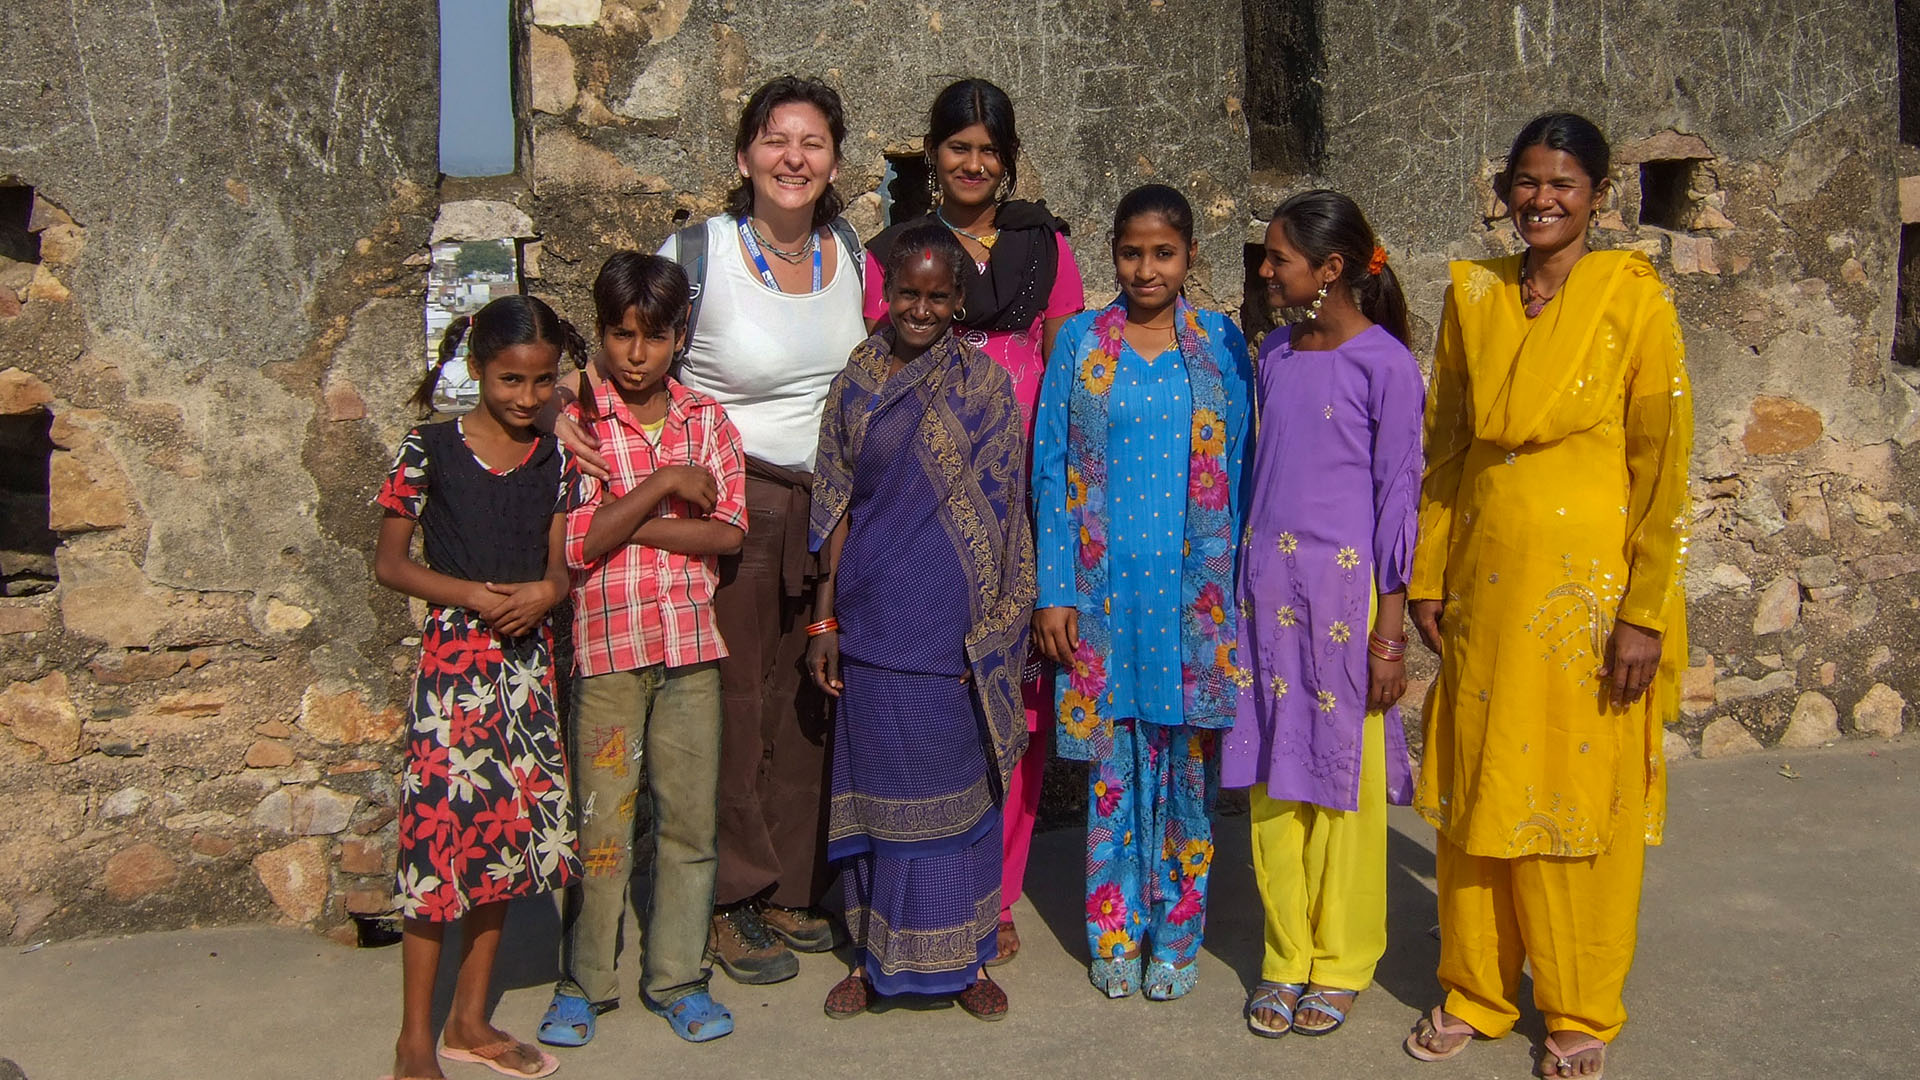 Jhansi Kalesinde yerel halk